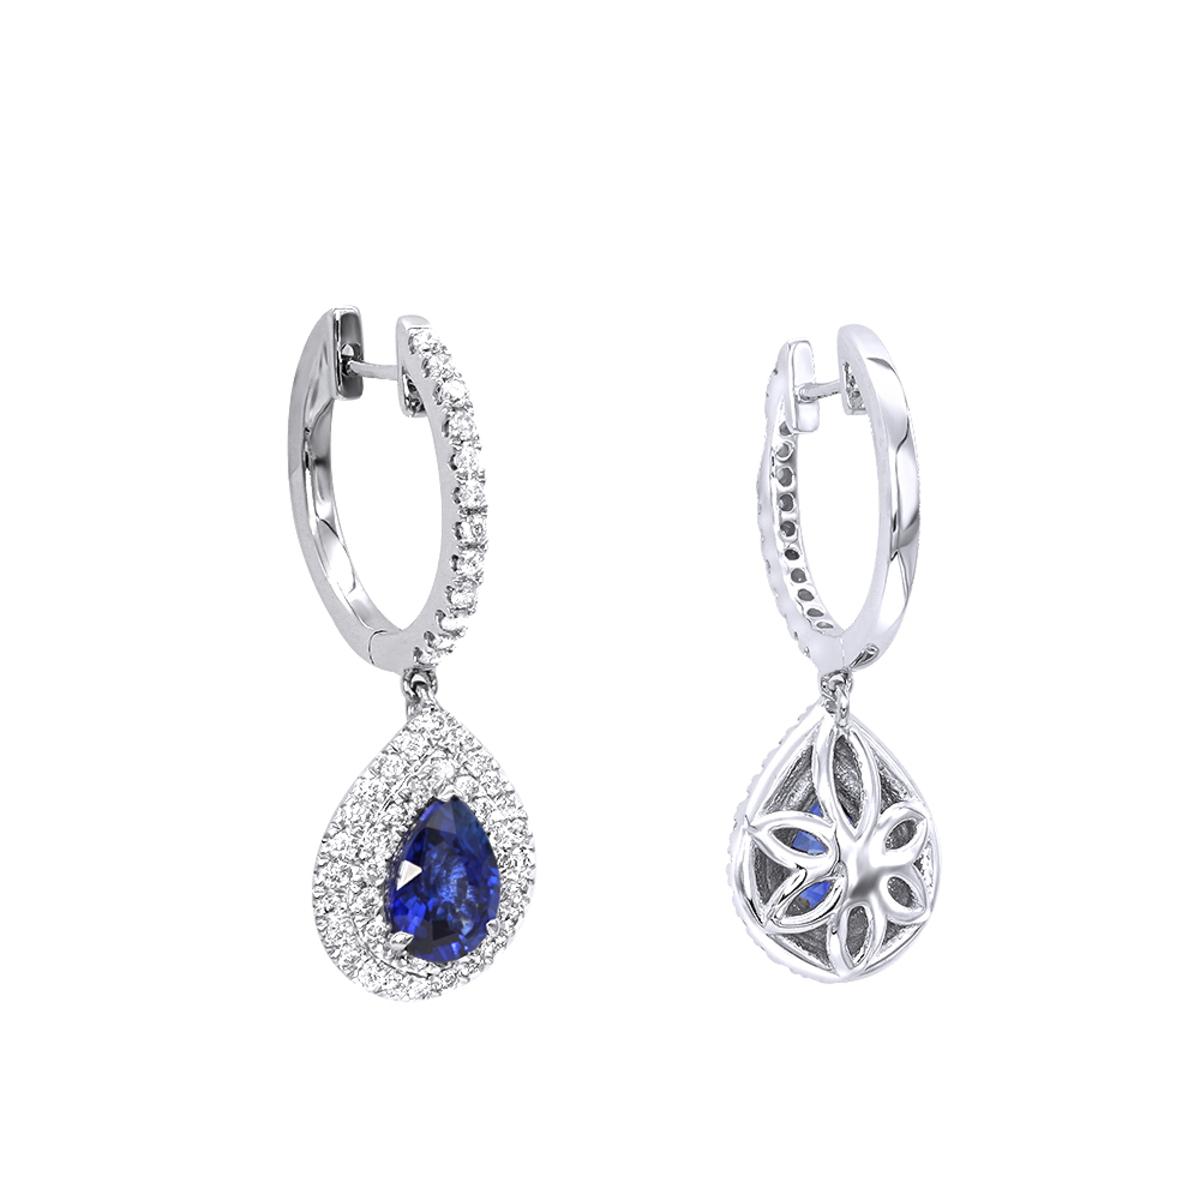 14K Gold Sapphire Diamond Pear Shape Drop Earrings for Women by Luxurman